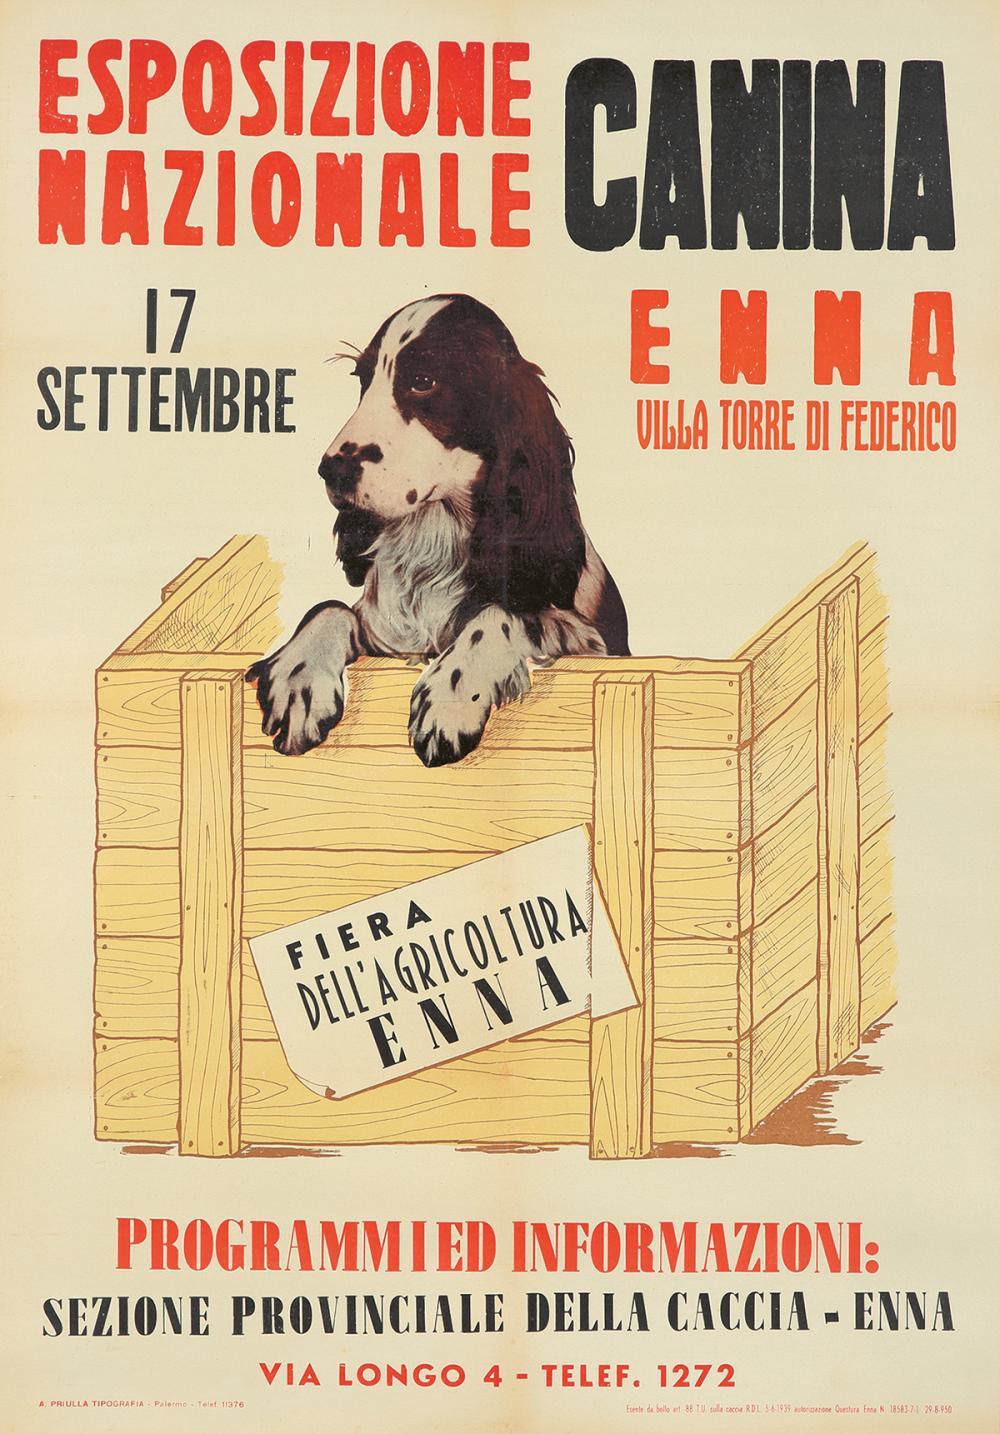 Esposizione Canina. ca. 1950.